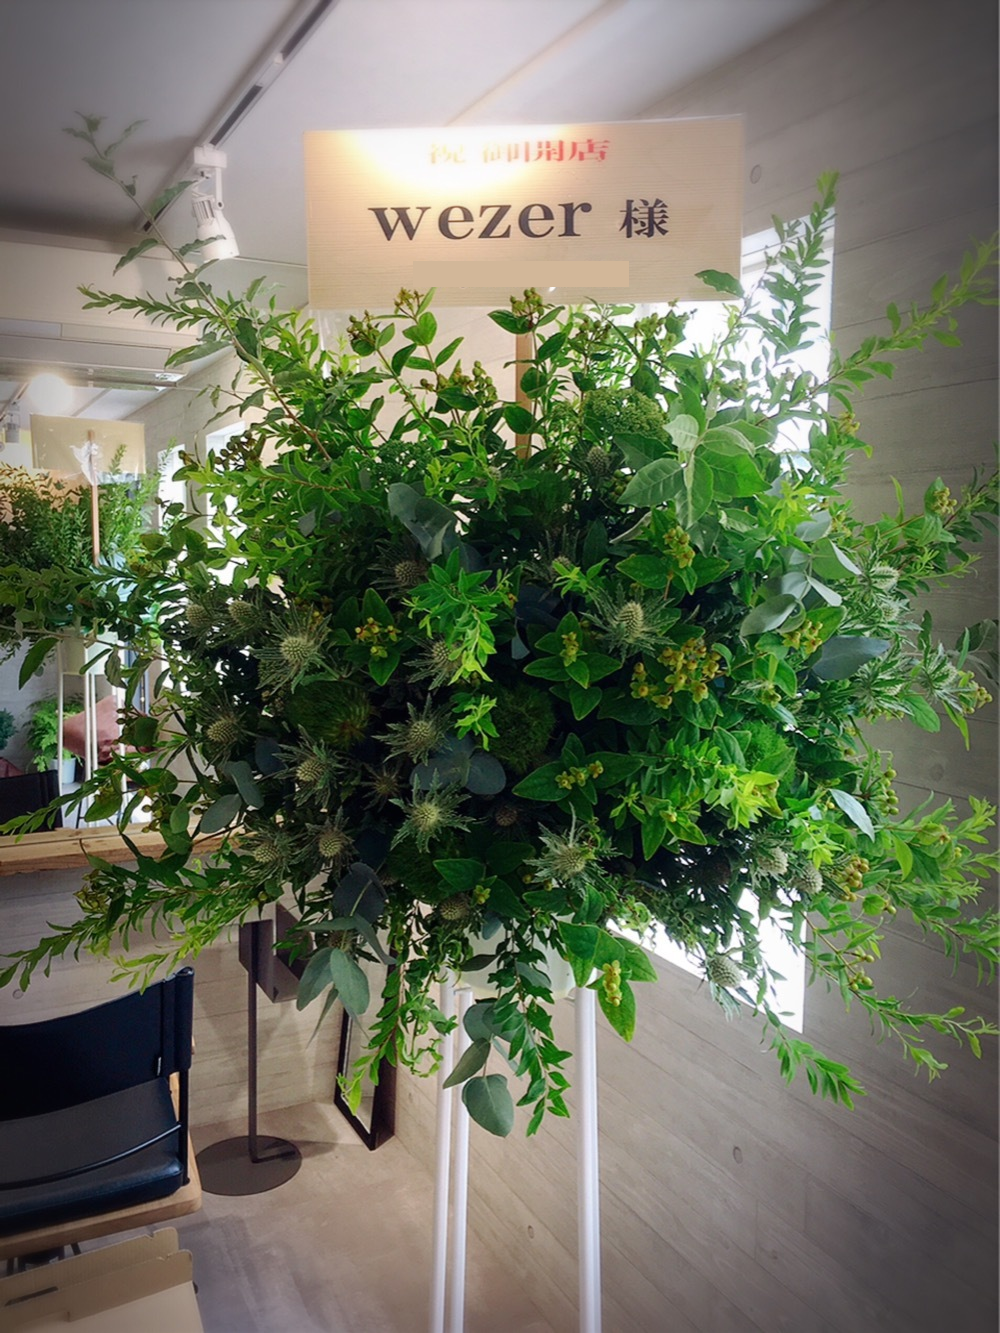 「地域に馴染み、お客様から愛されるお店になって欲しい」グリーンを基調とした開店お祝いのスタンド花